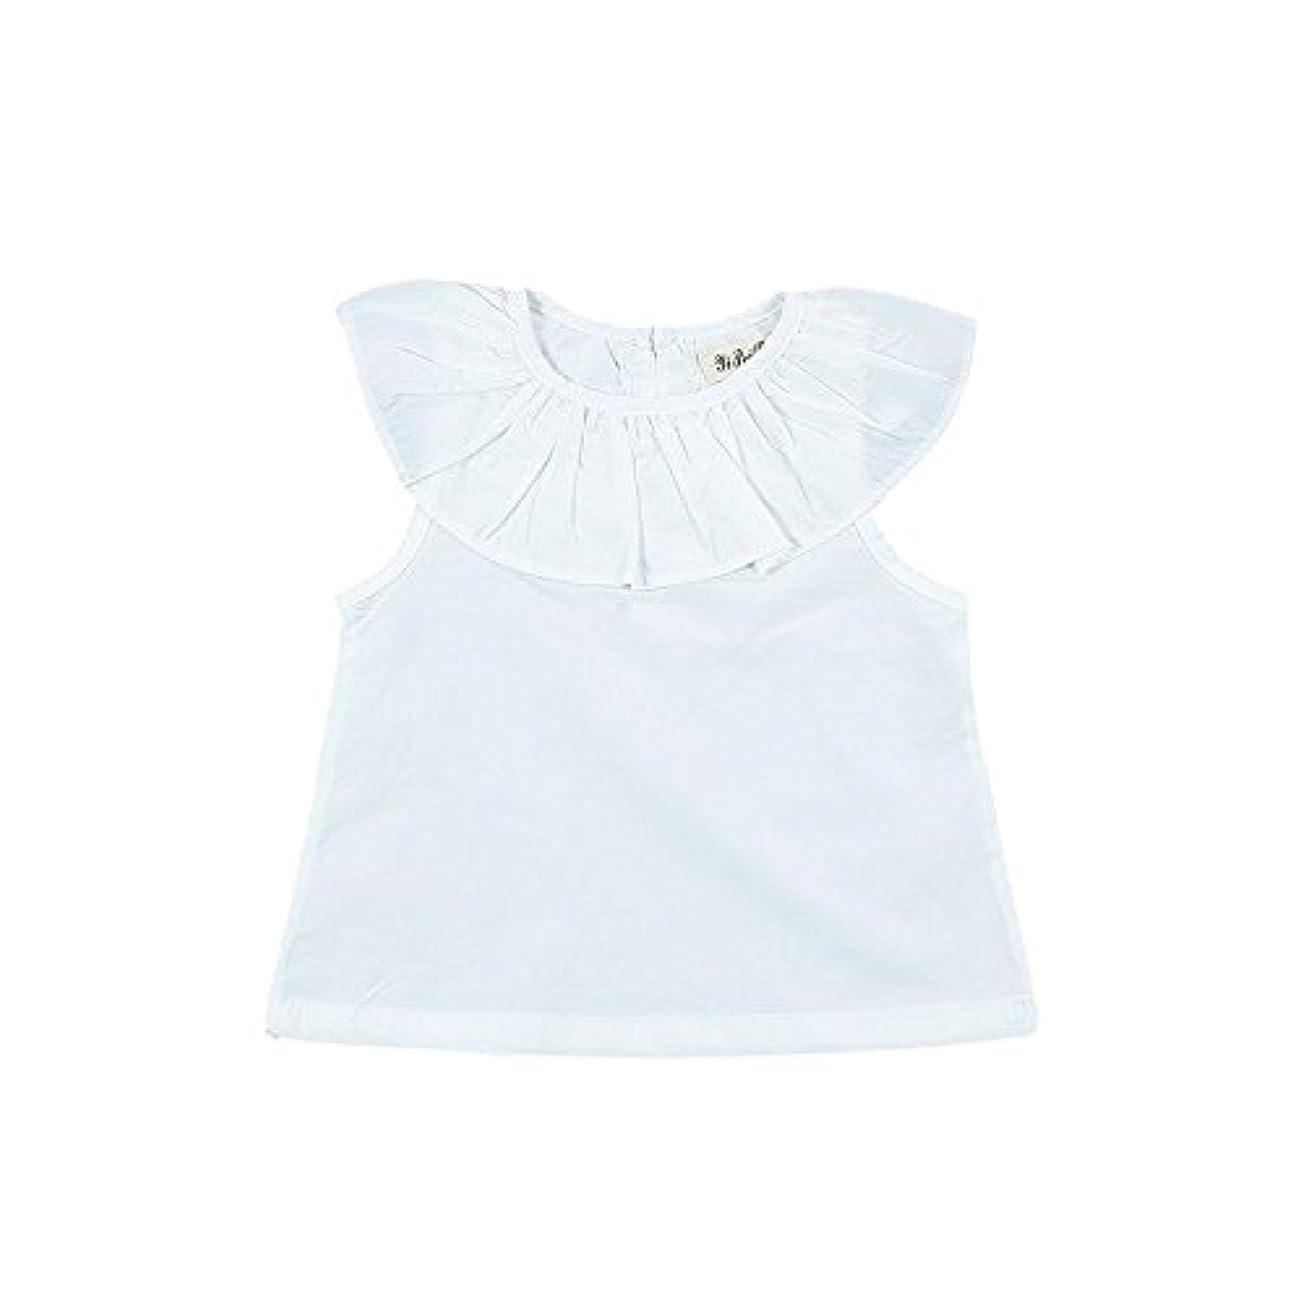 もつれアトミックあいまいさ子供服 半袖 Tシャツ 夏 蓮の襟 女の子 ガールズ キッズ 赤ちゃん 可愛い 綿 柔らか おしゃれ 素敵 ショートスリーブ ホワイト